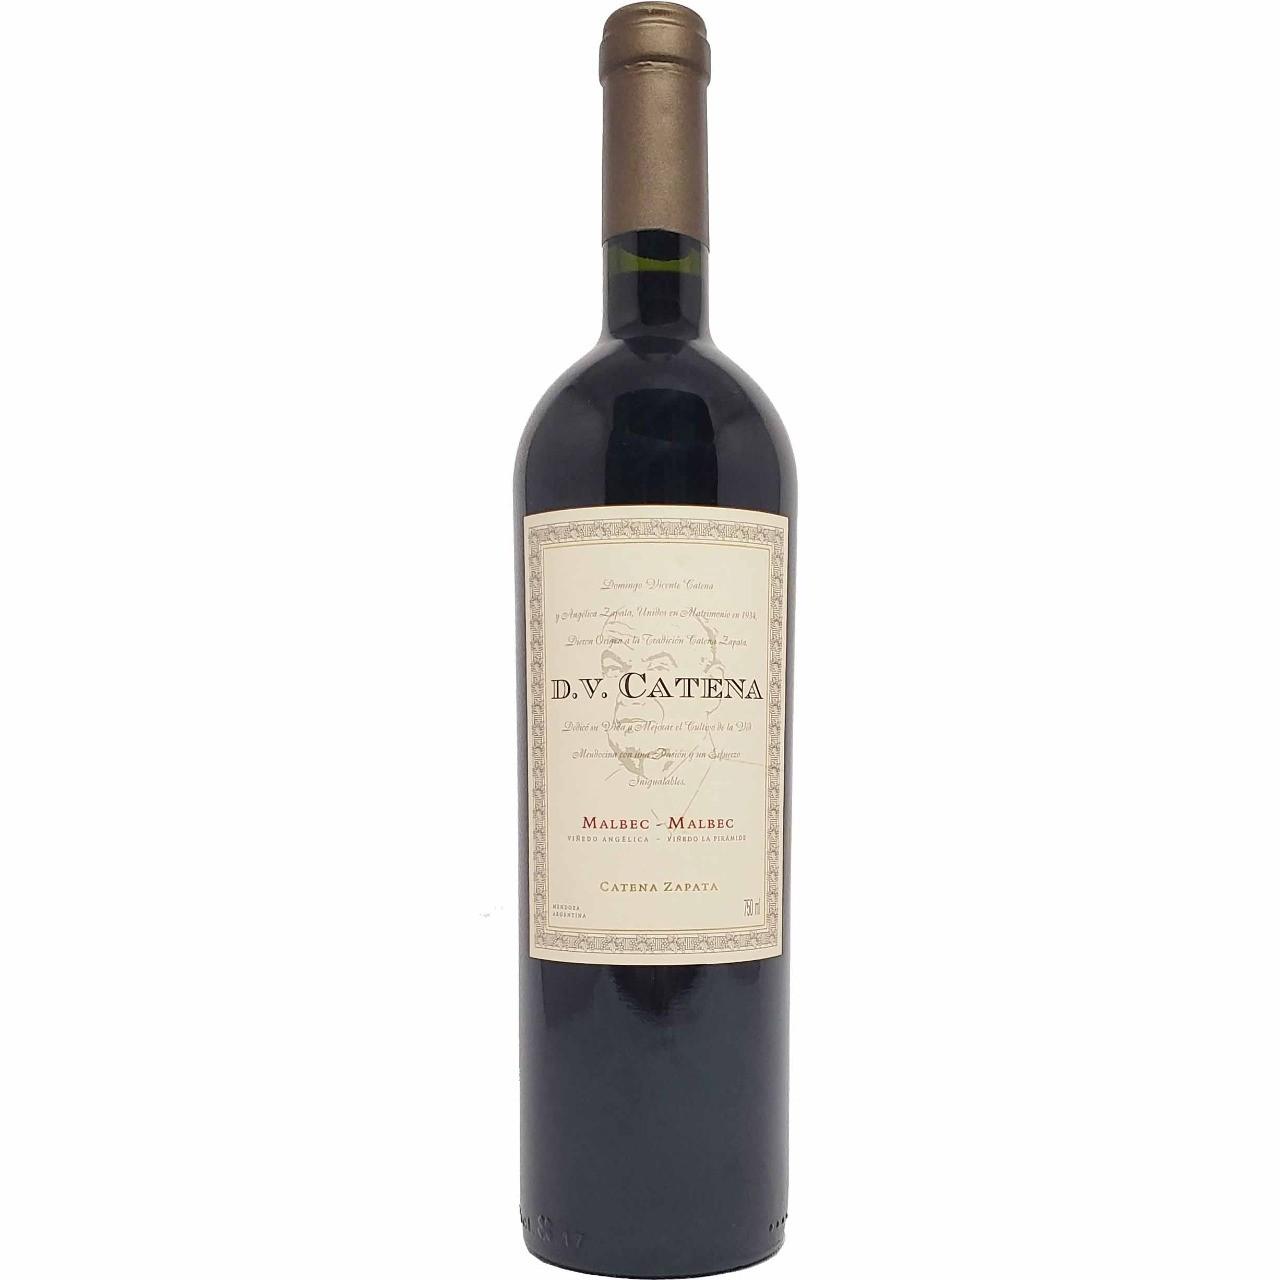 Vinho Tinto D.V Catena Malbec Malbec - 750ml -